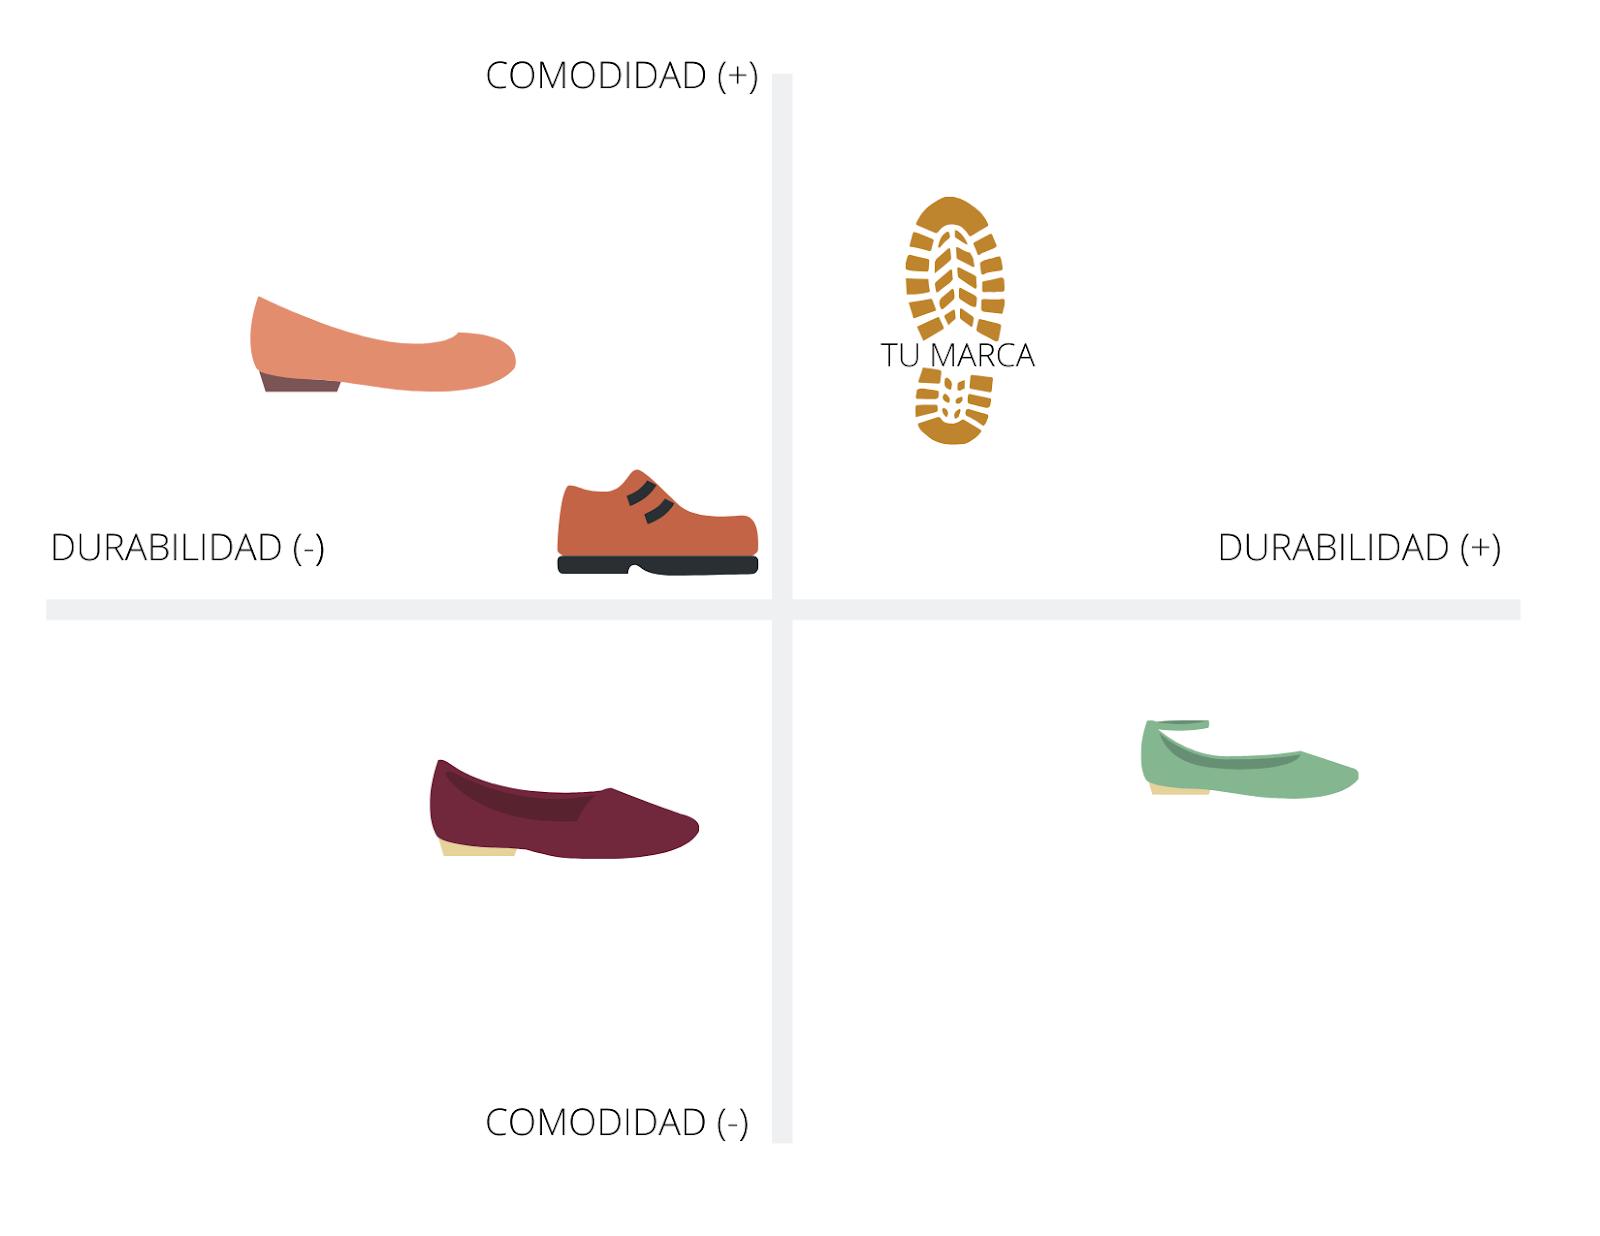 Ejemplo de mapa de posicionamiento de una marca de calzado